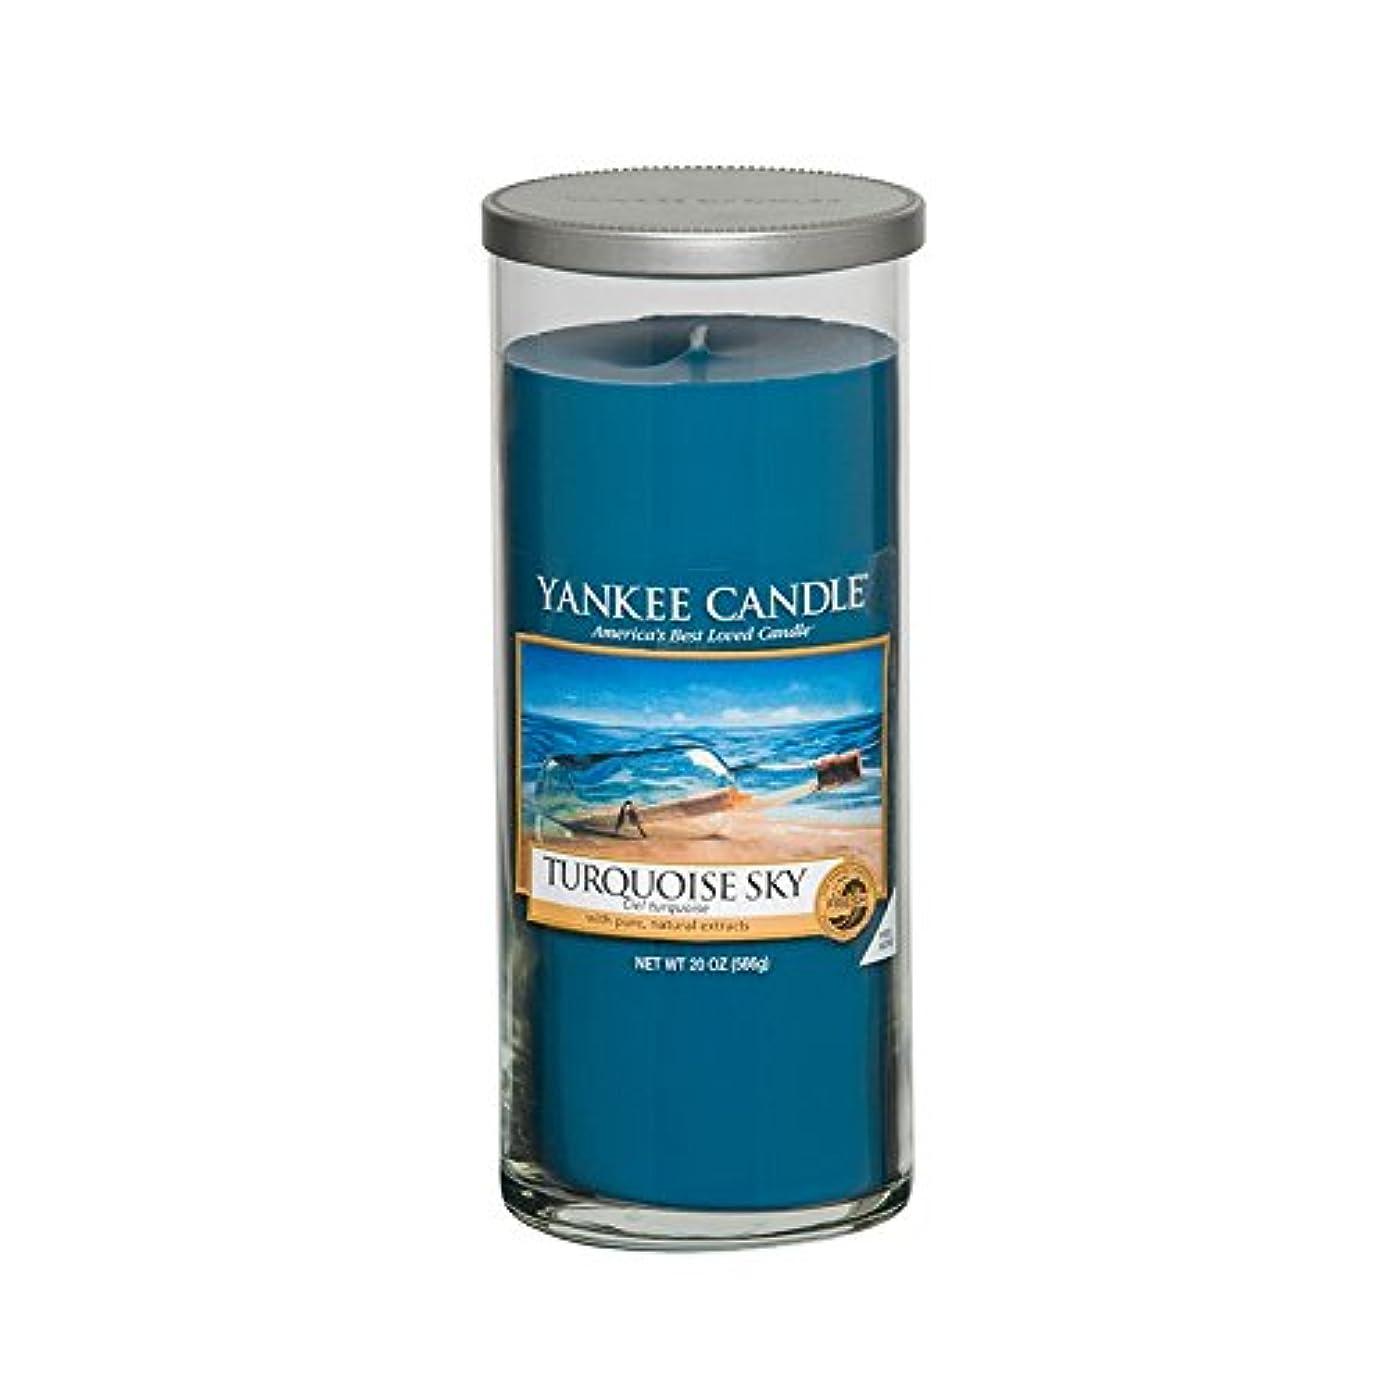 導出利益除去ヤンキーキャンドル大きな柱キャンドル - ターコイズの空 - Yankee Candles Large Pillar Candle - Turquoise Sky (Yankee Candles) [並行輸入品]